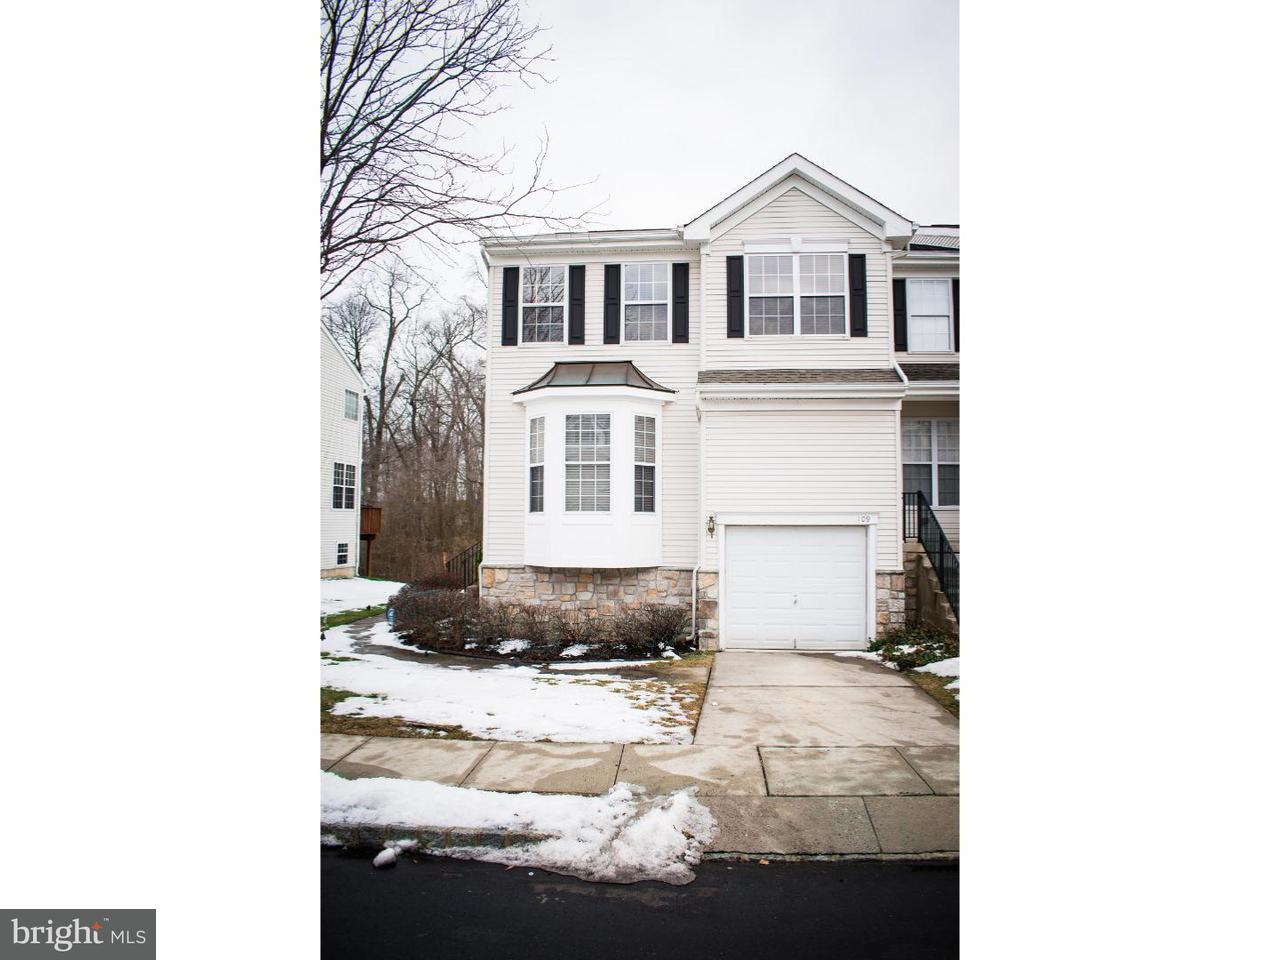 Casa unifamiliar adosada (Townhouse) por un Venta en 109 CASTLETON Road Delran Township, Nueva Jersey 08075 Estados Unidos